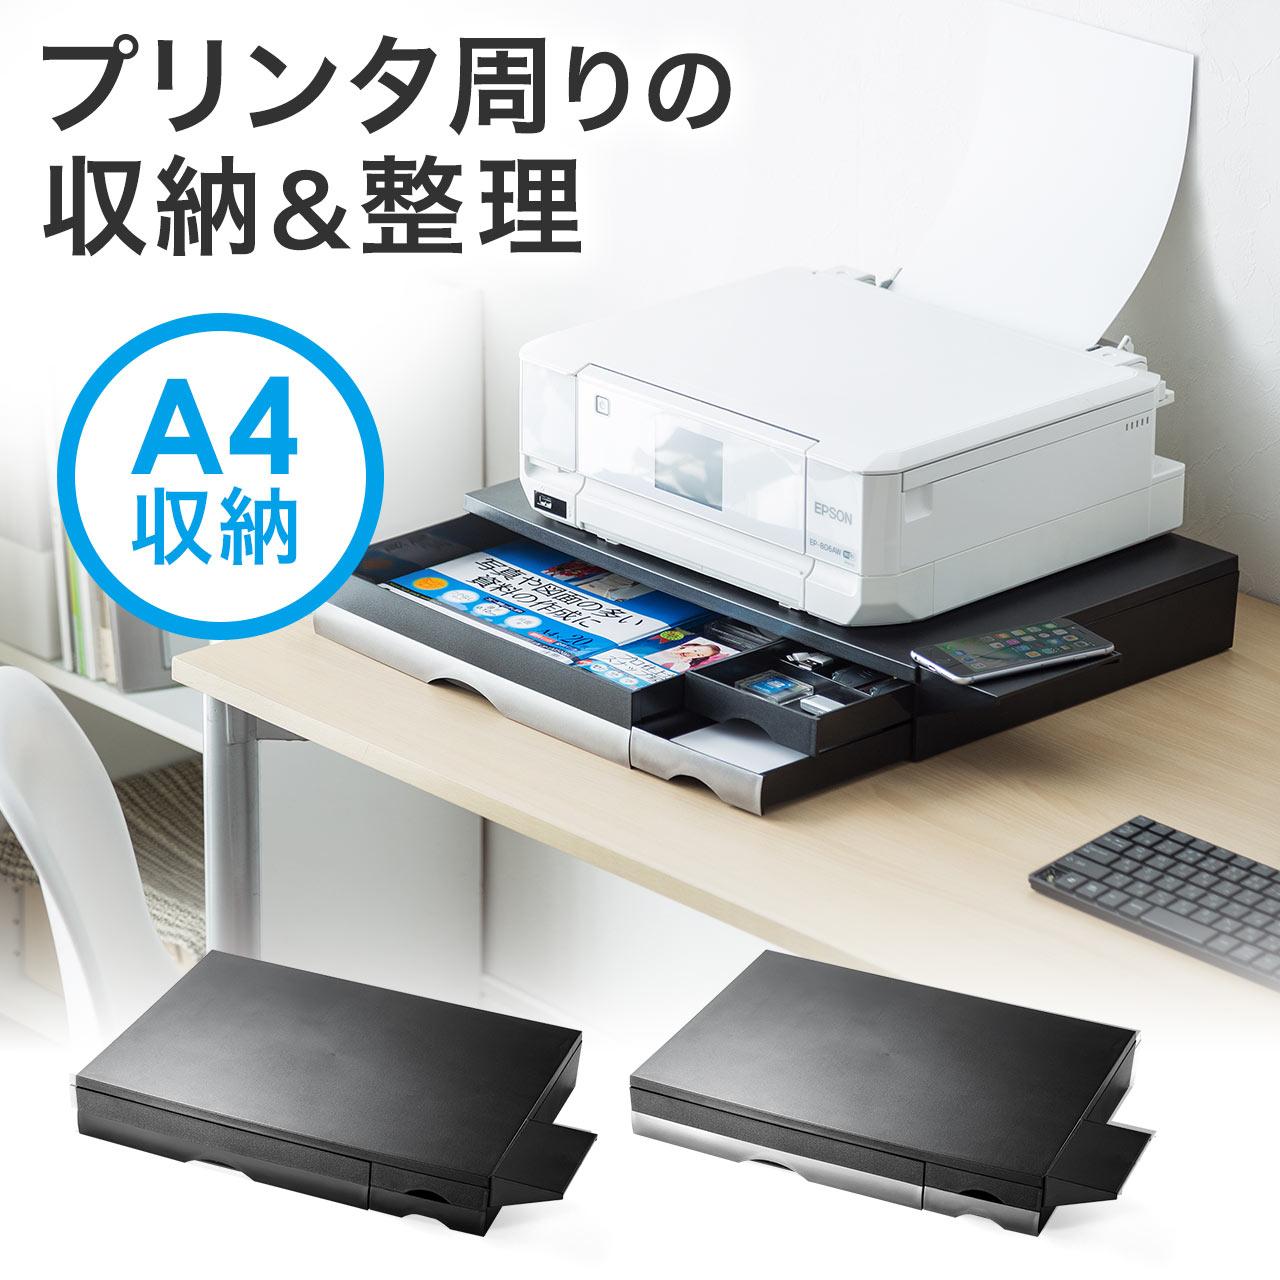 100-PS006の画像